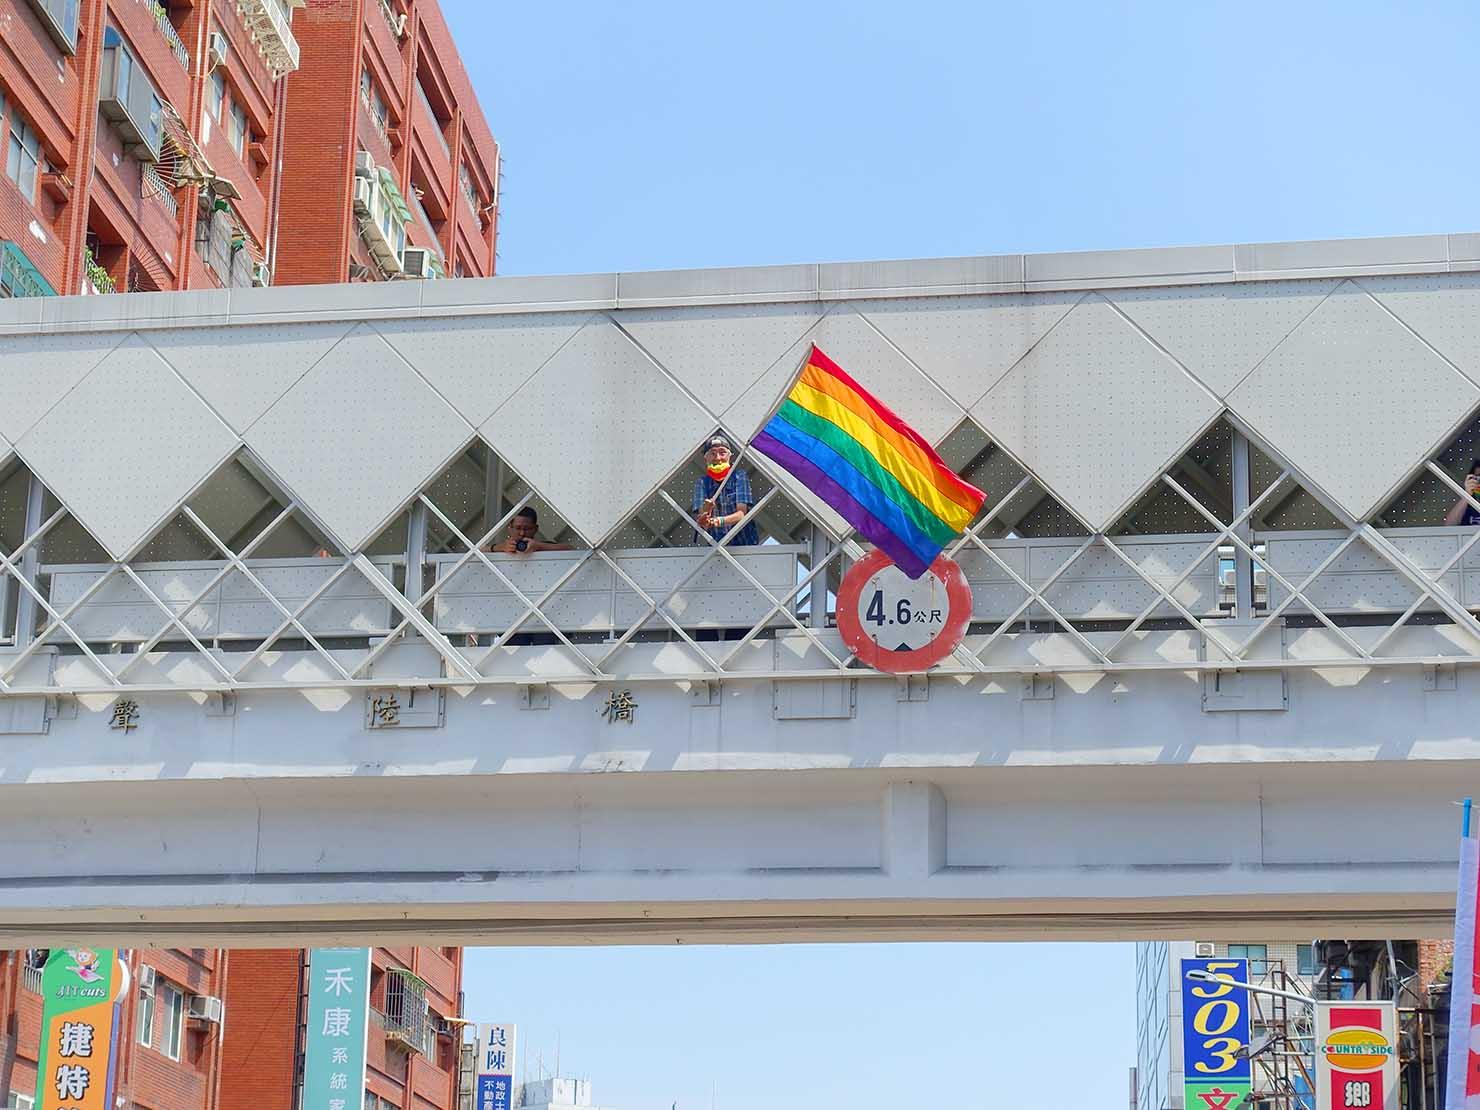 台湾・桃園のLGBTプライド「桃園彩虹野餐日」2020のパレードでレインボーフラッグを振る祁家威氏